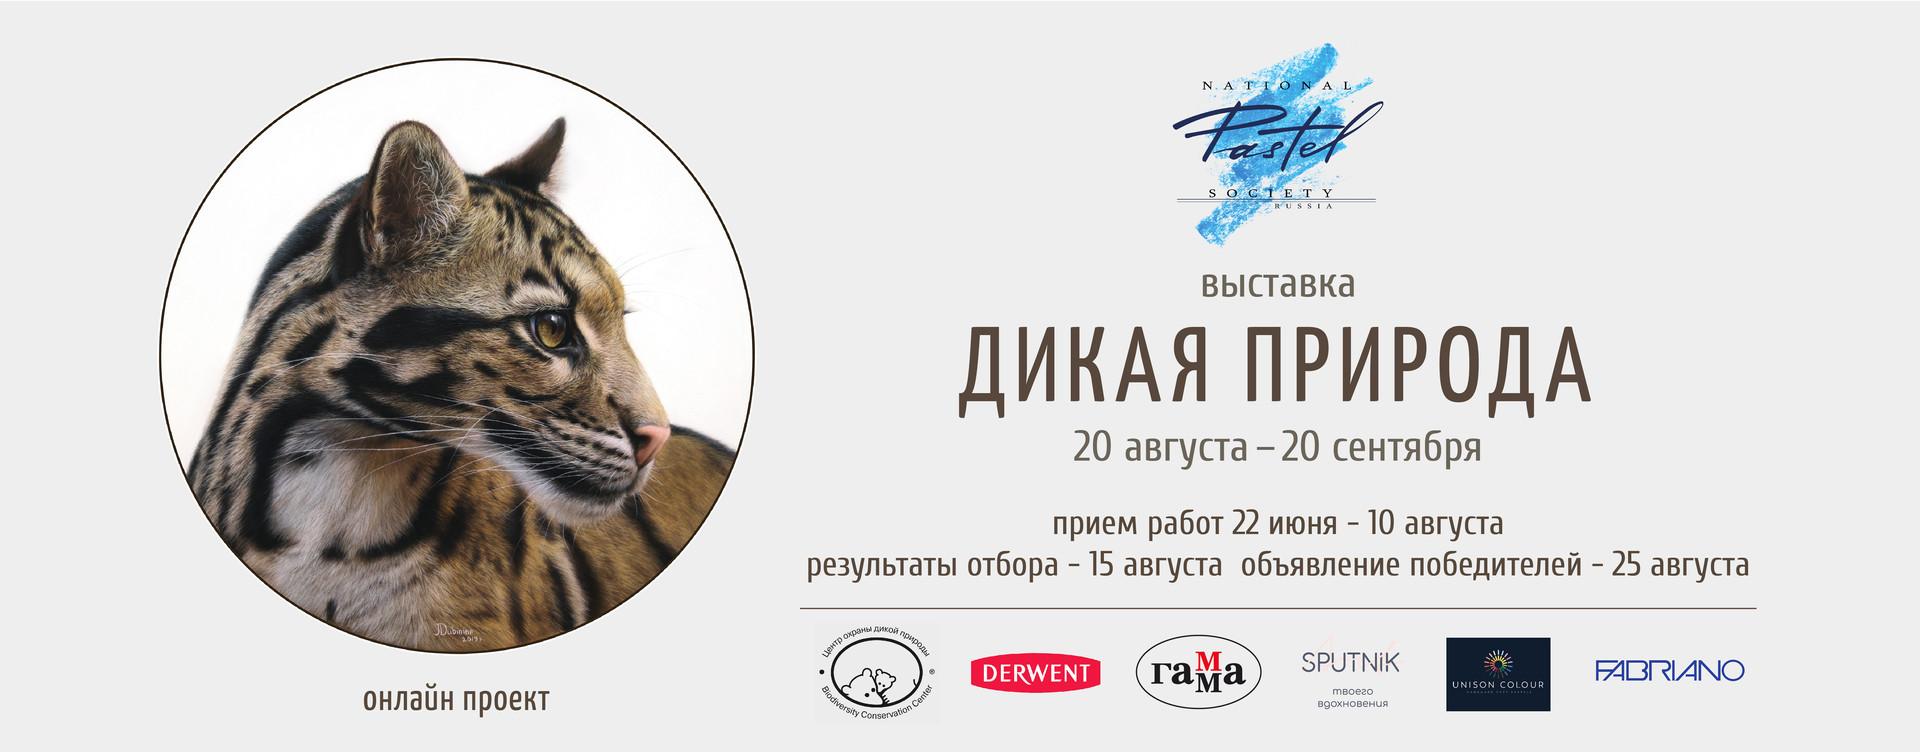 4-я выставка НСП - Дикая природа